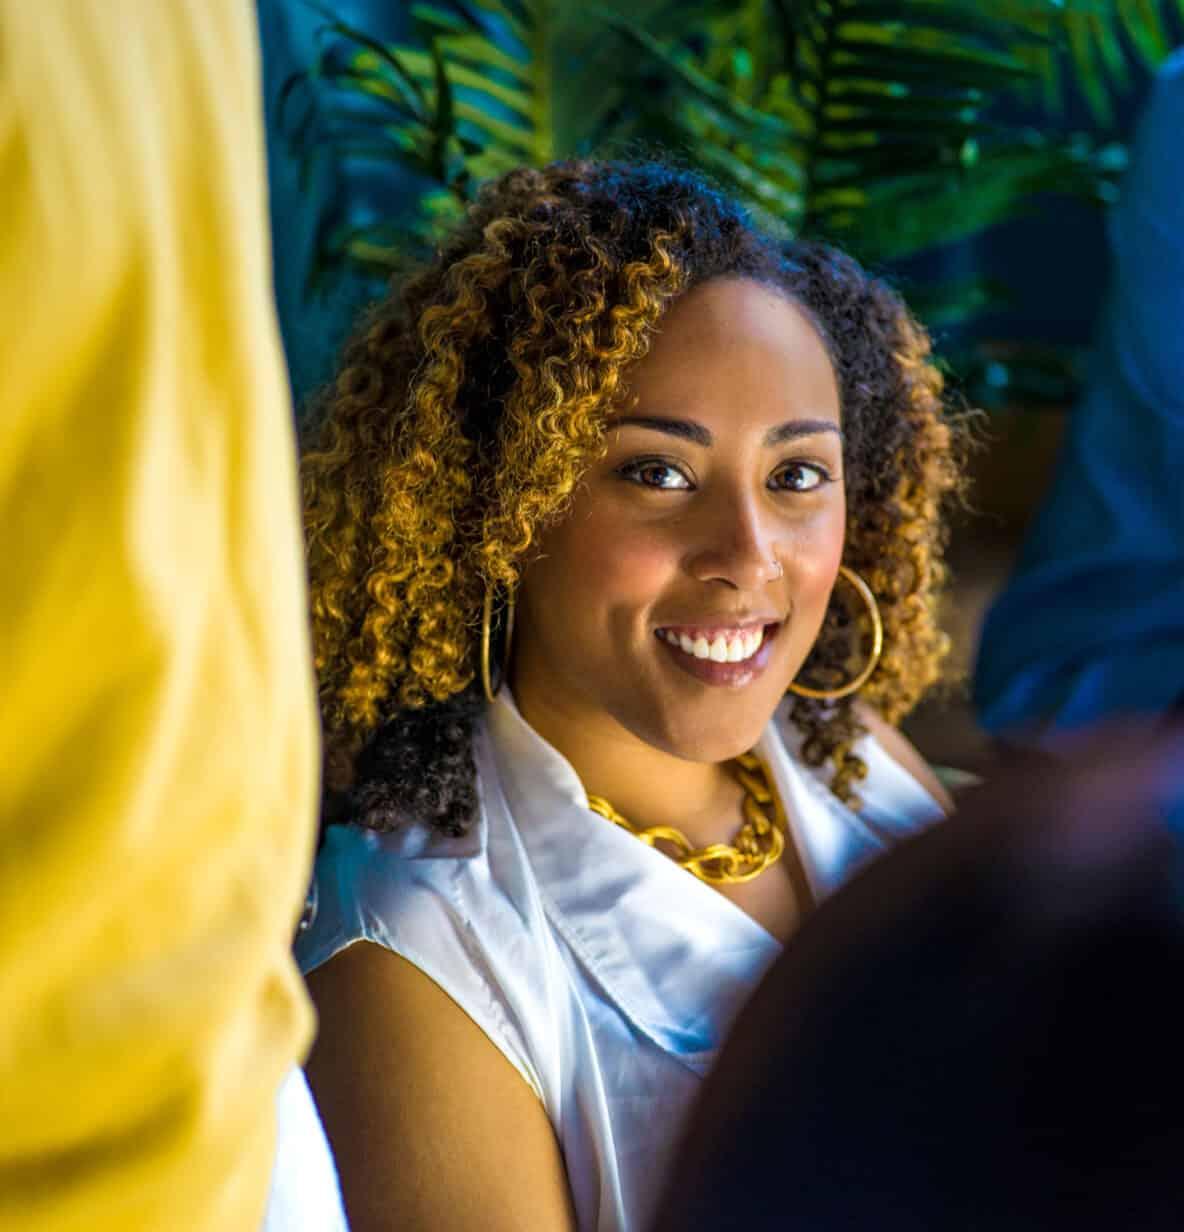 Woman smiling at camera